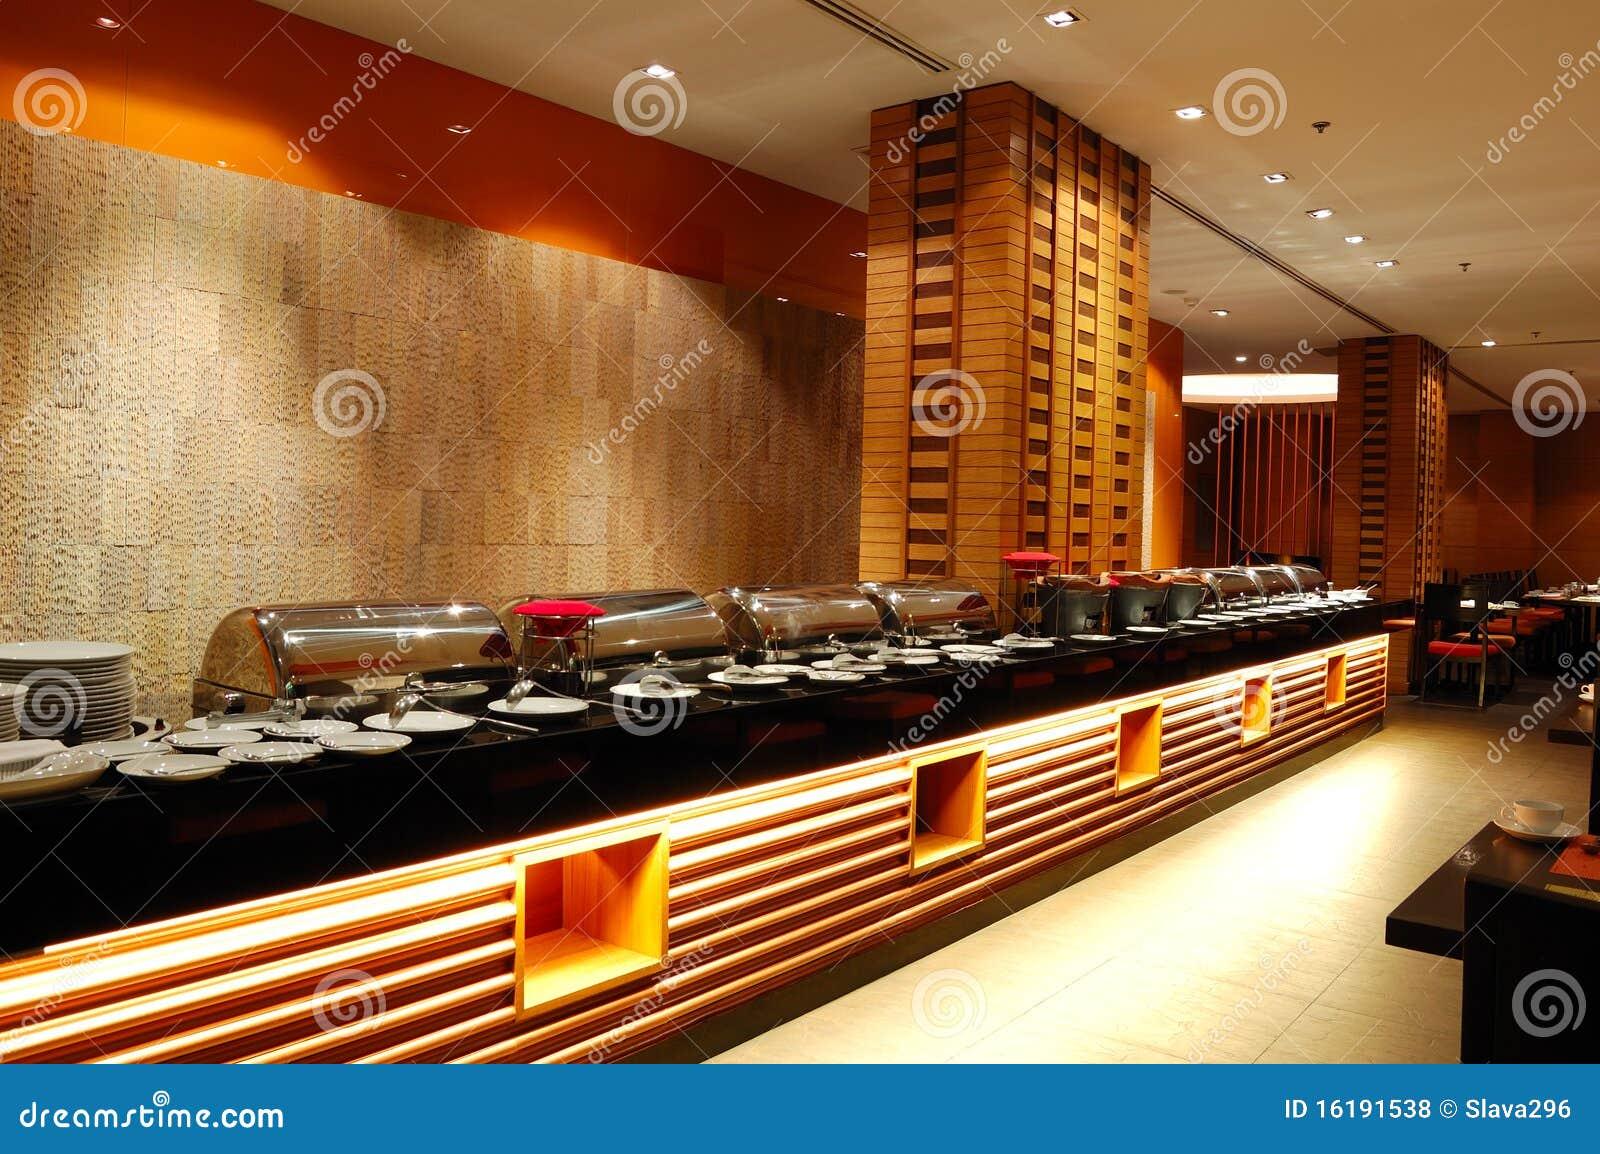 Modern restaurant interior in night illumination royalty